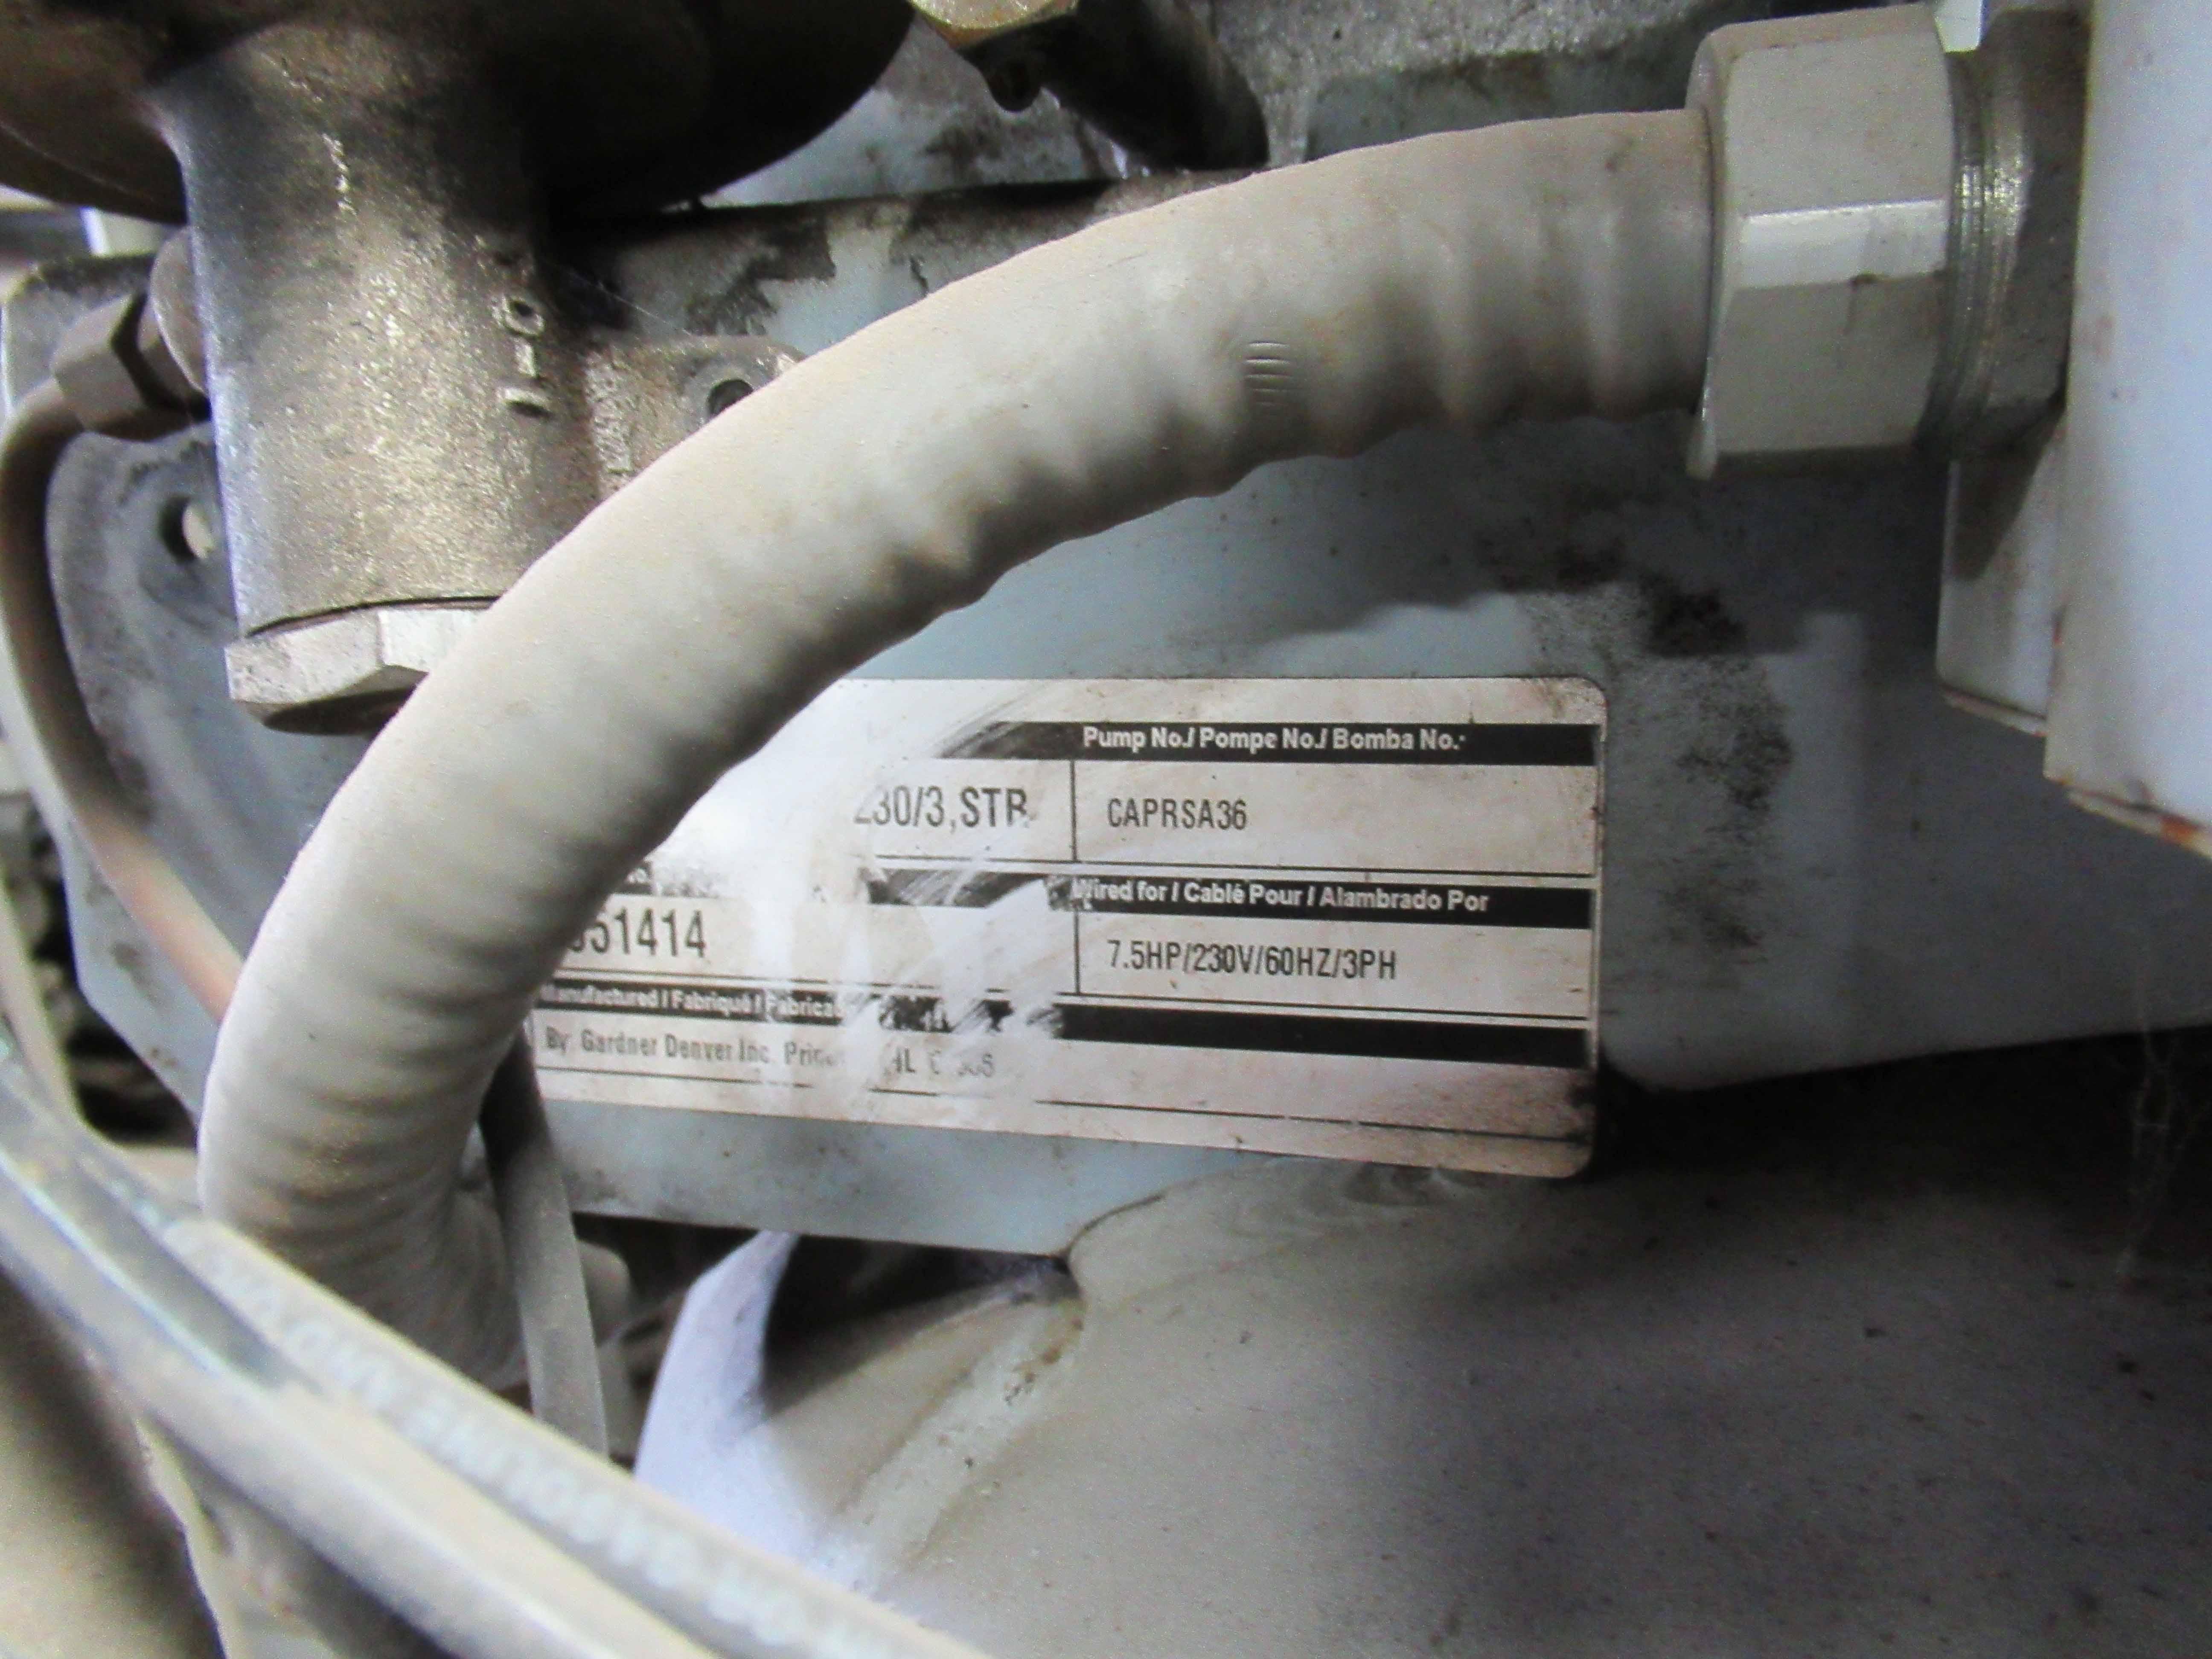 Lot 7 - GARDNER DENVER AIR COMPRESSOR, new 2007, 7.5 HP motor, Pump #CAPRSA36, 80 gal. tank. Seller will